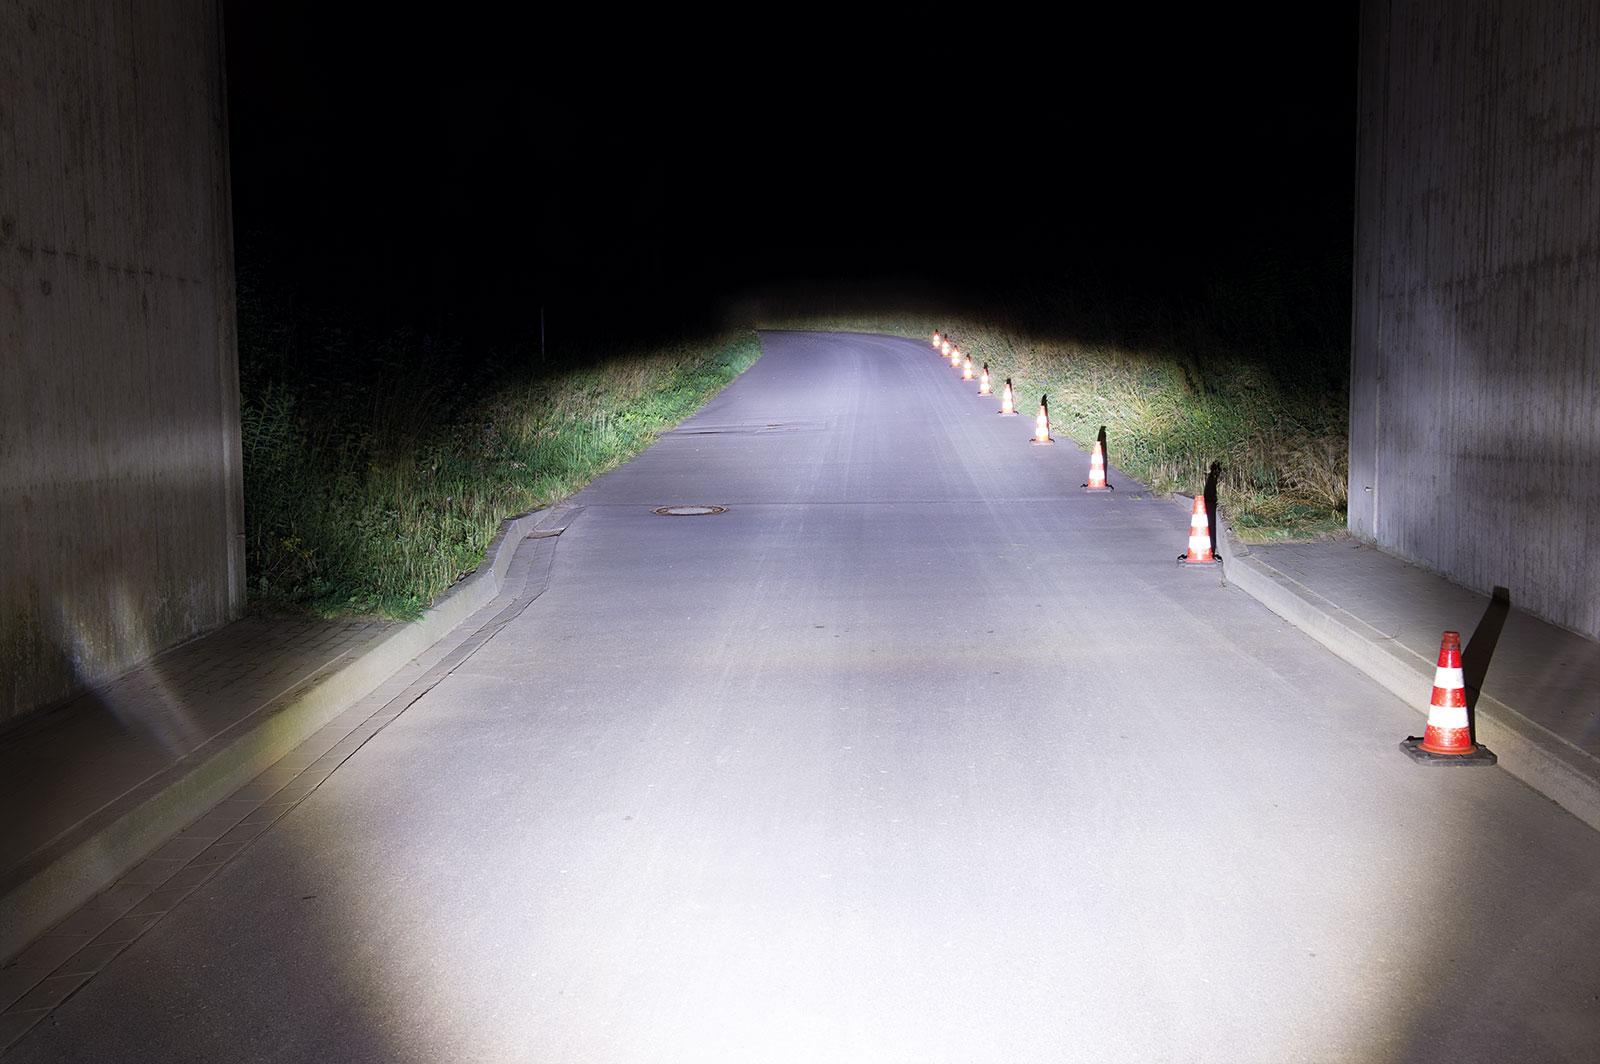 e-Bike Beleuchtung mit einer Lichtmenge von 150 LUX